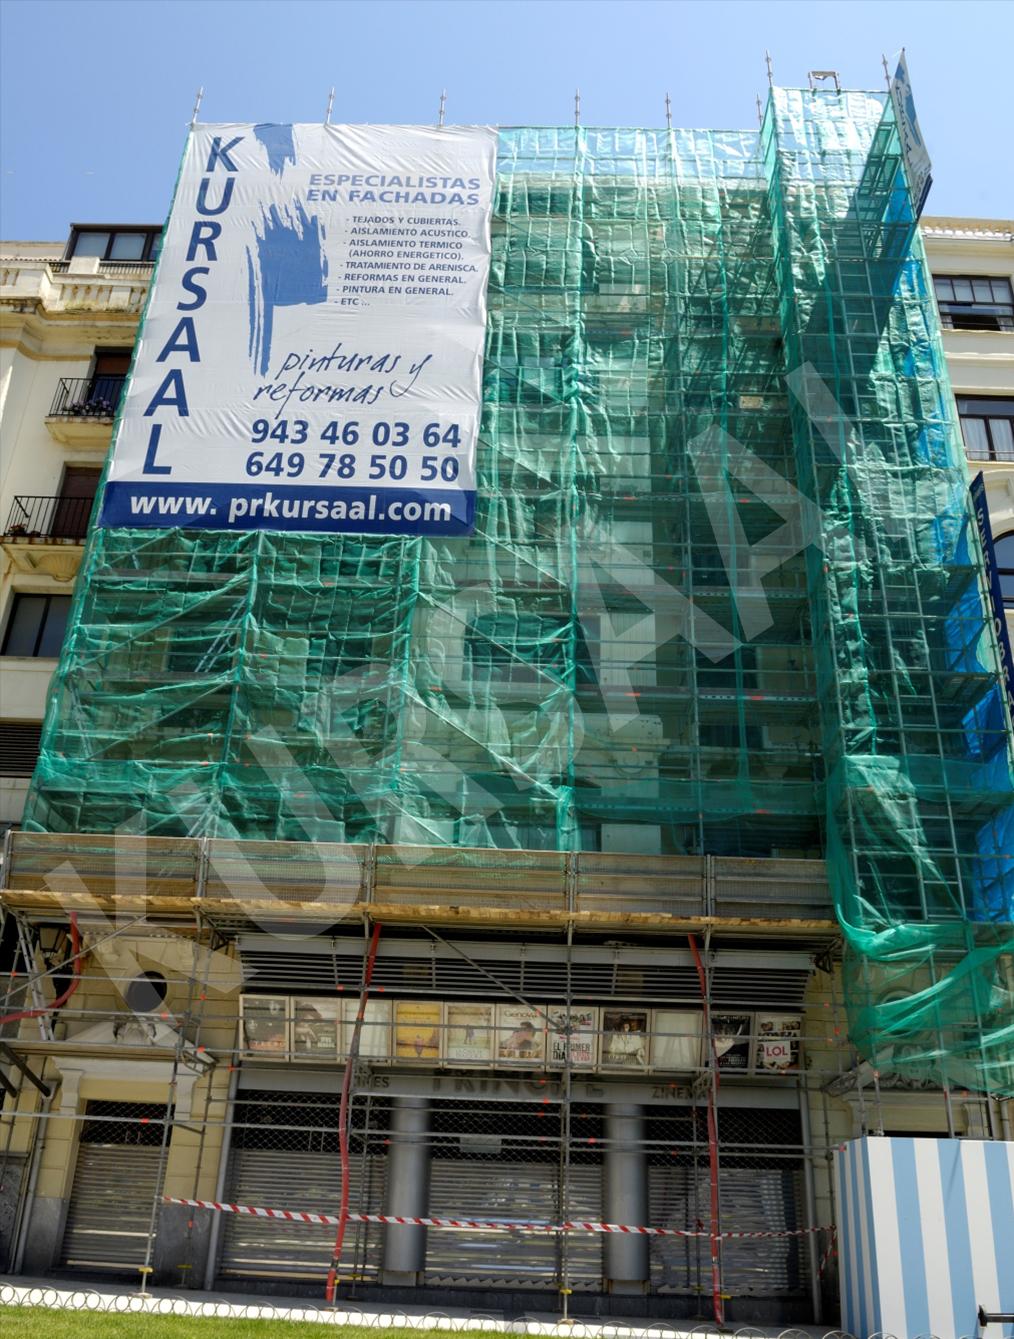 foto 5 - Restauración y patrimonio-San Juan 8 Bis - Plaza Zuloaga - Cines Principe-DONOSTIA